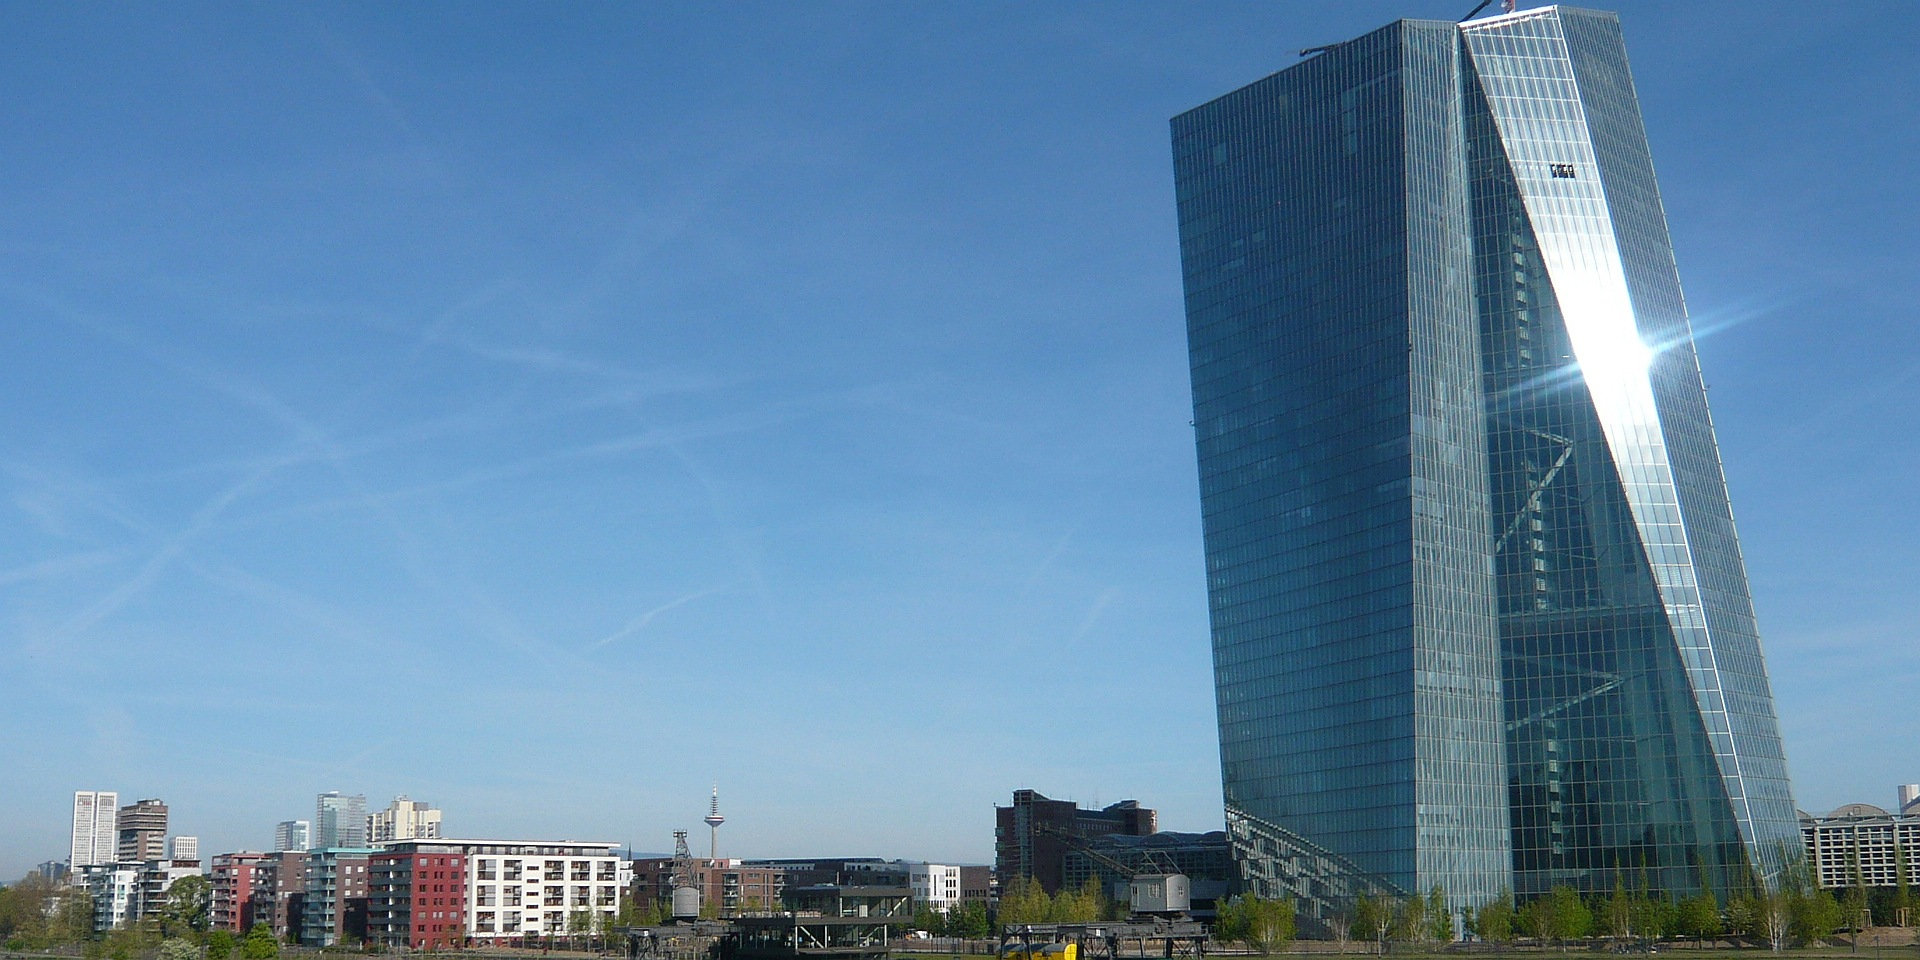 Neubau Mehrfamilienhaus – Frankfurt Osthafen, Frick.Reichert Architekten